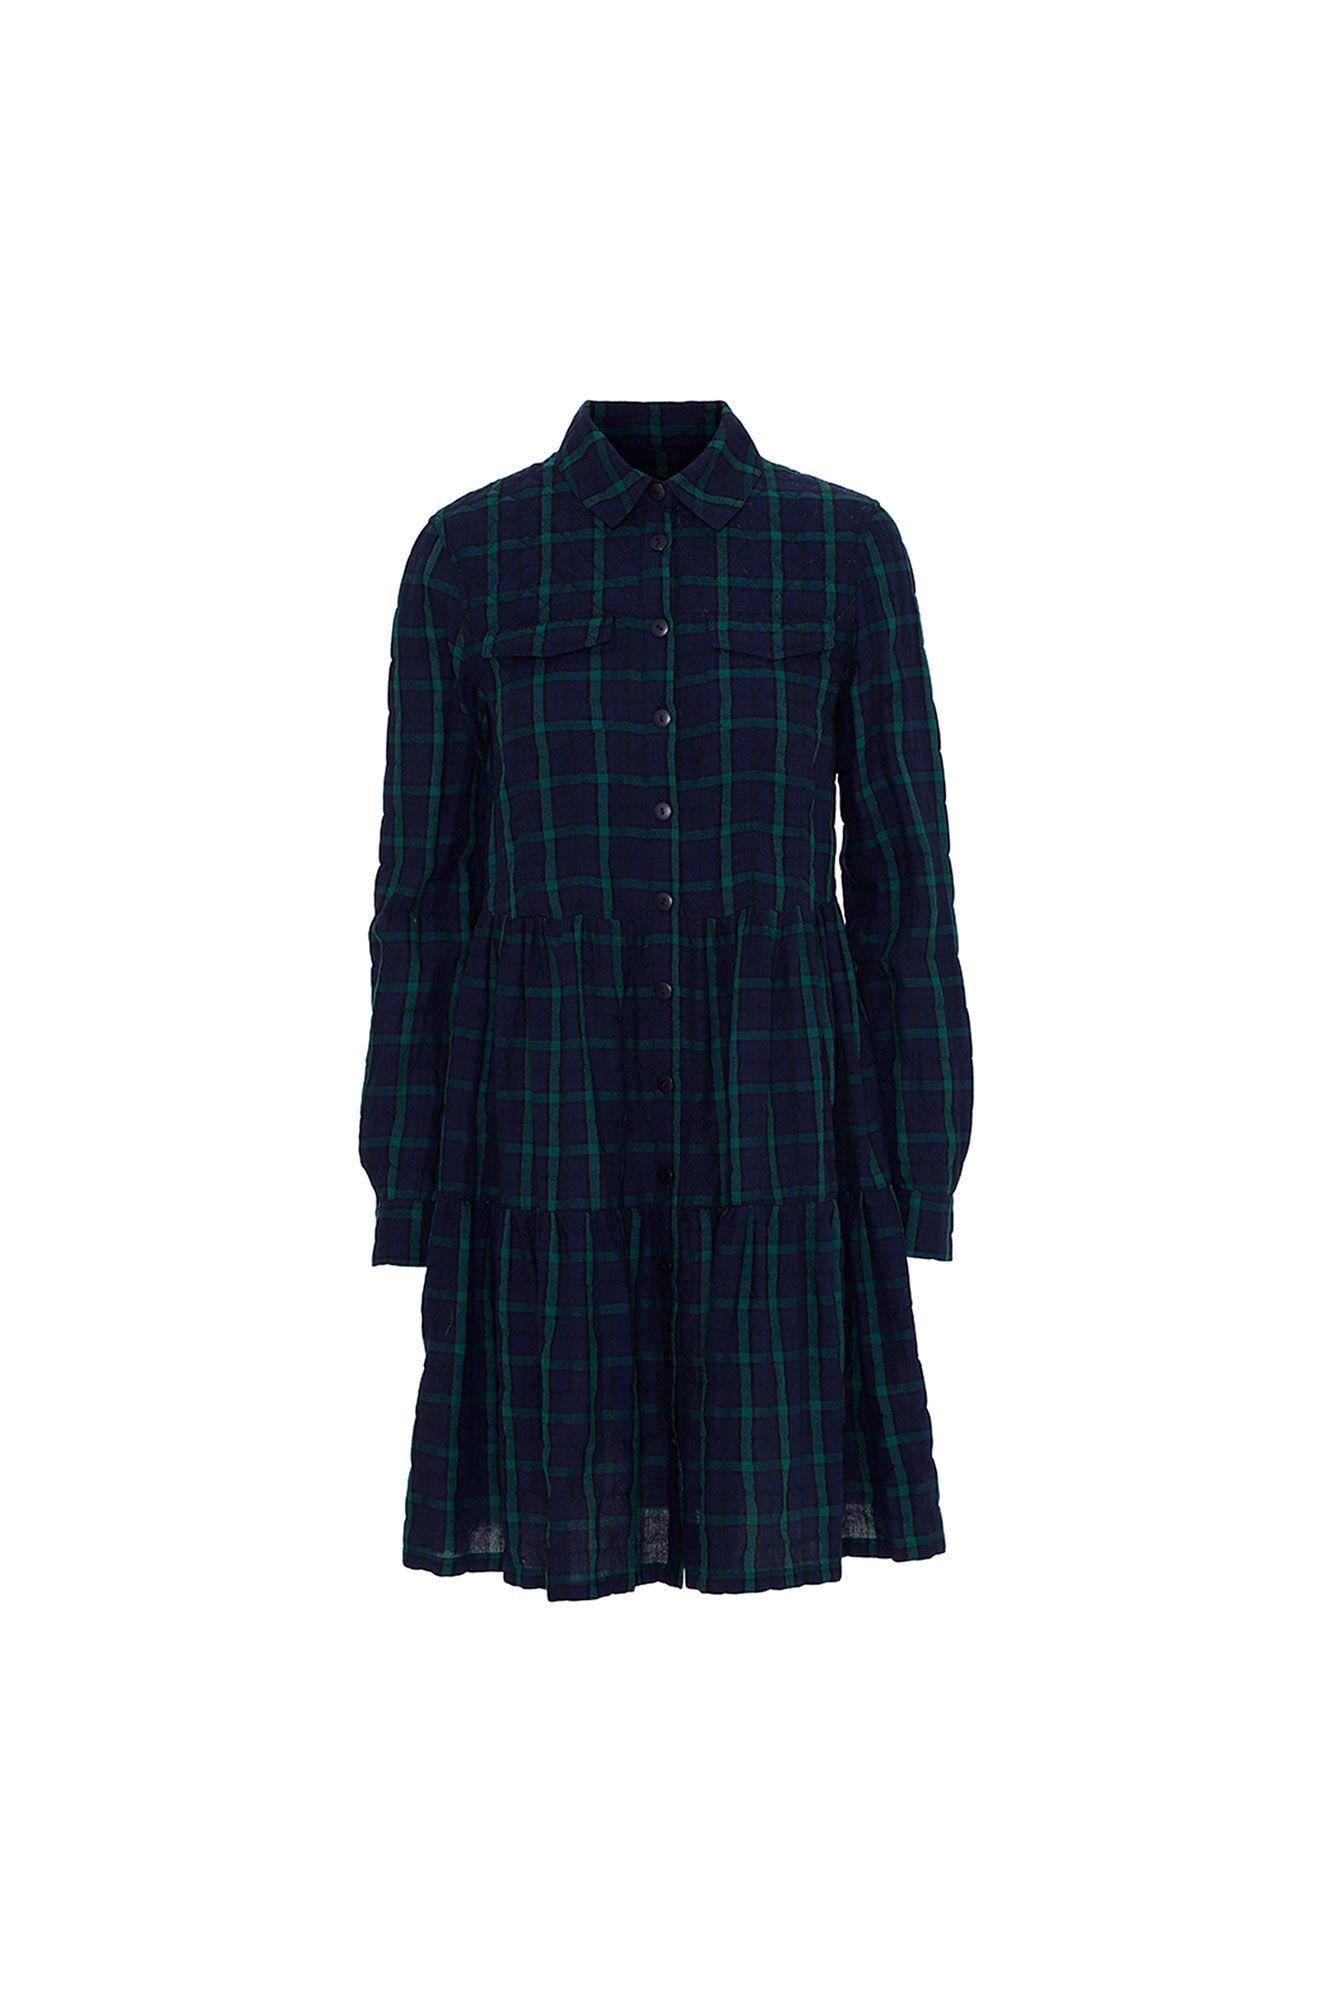 Sabrina dress 3361623, TARTAN